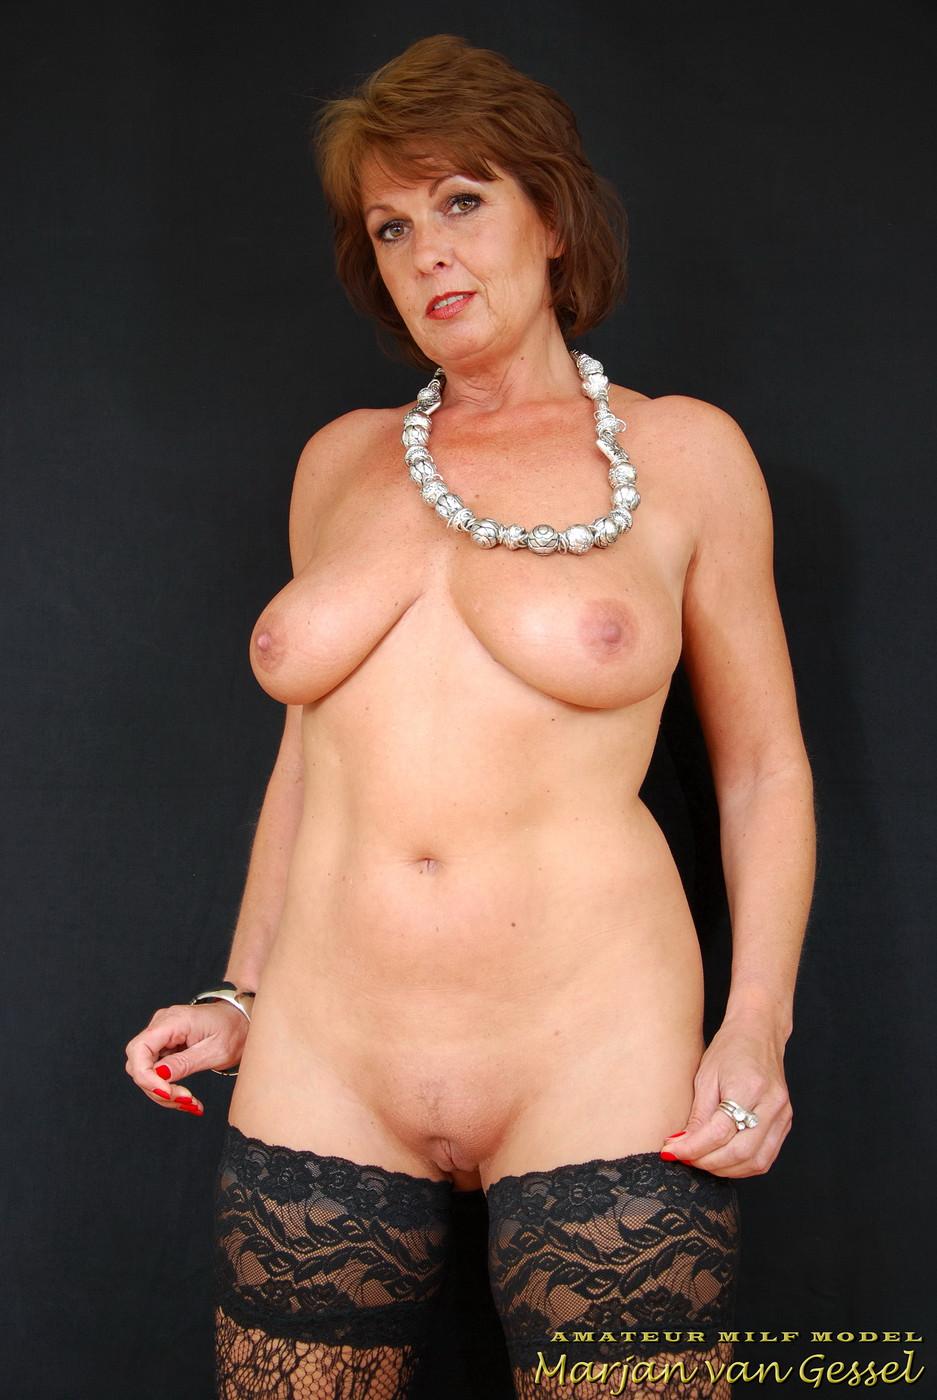 Marjan van Gessel 00068